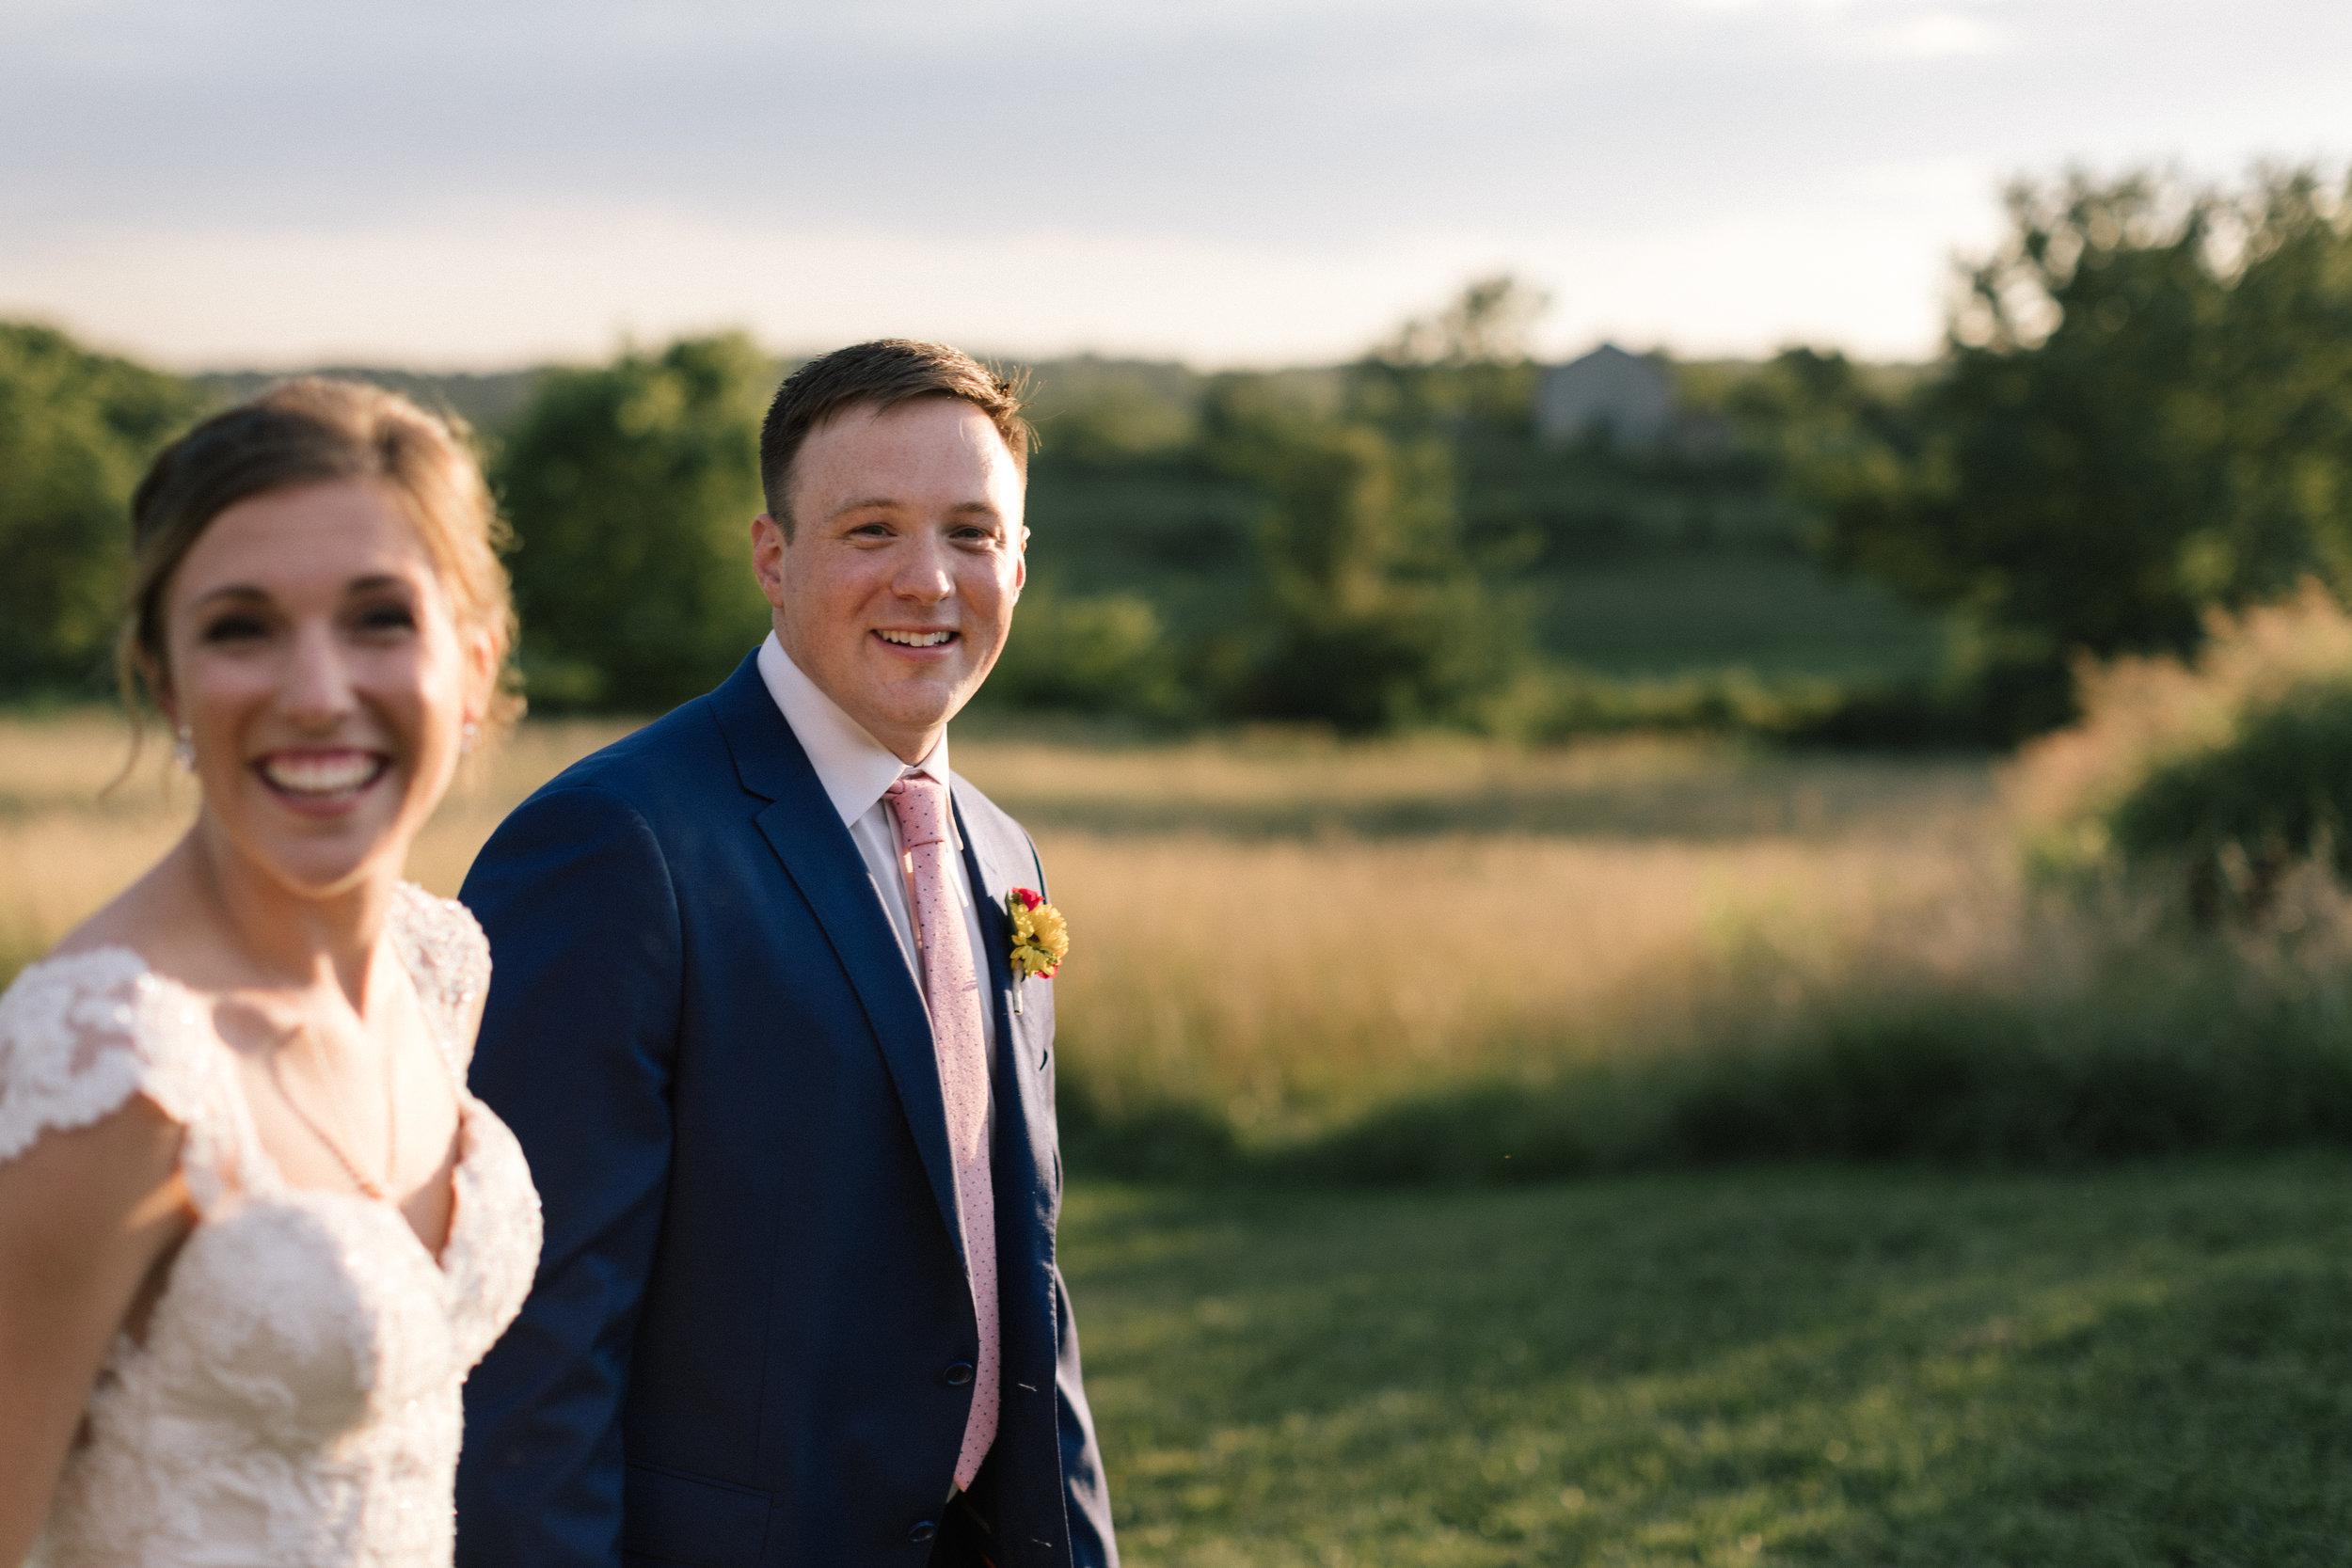 alyssa barletter photography weston missouri bright summer wedding allie and alex cole-51.jpg